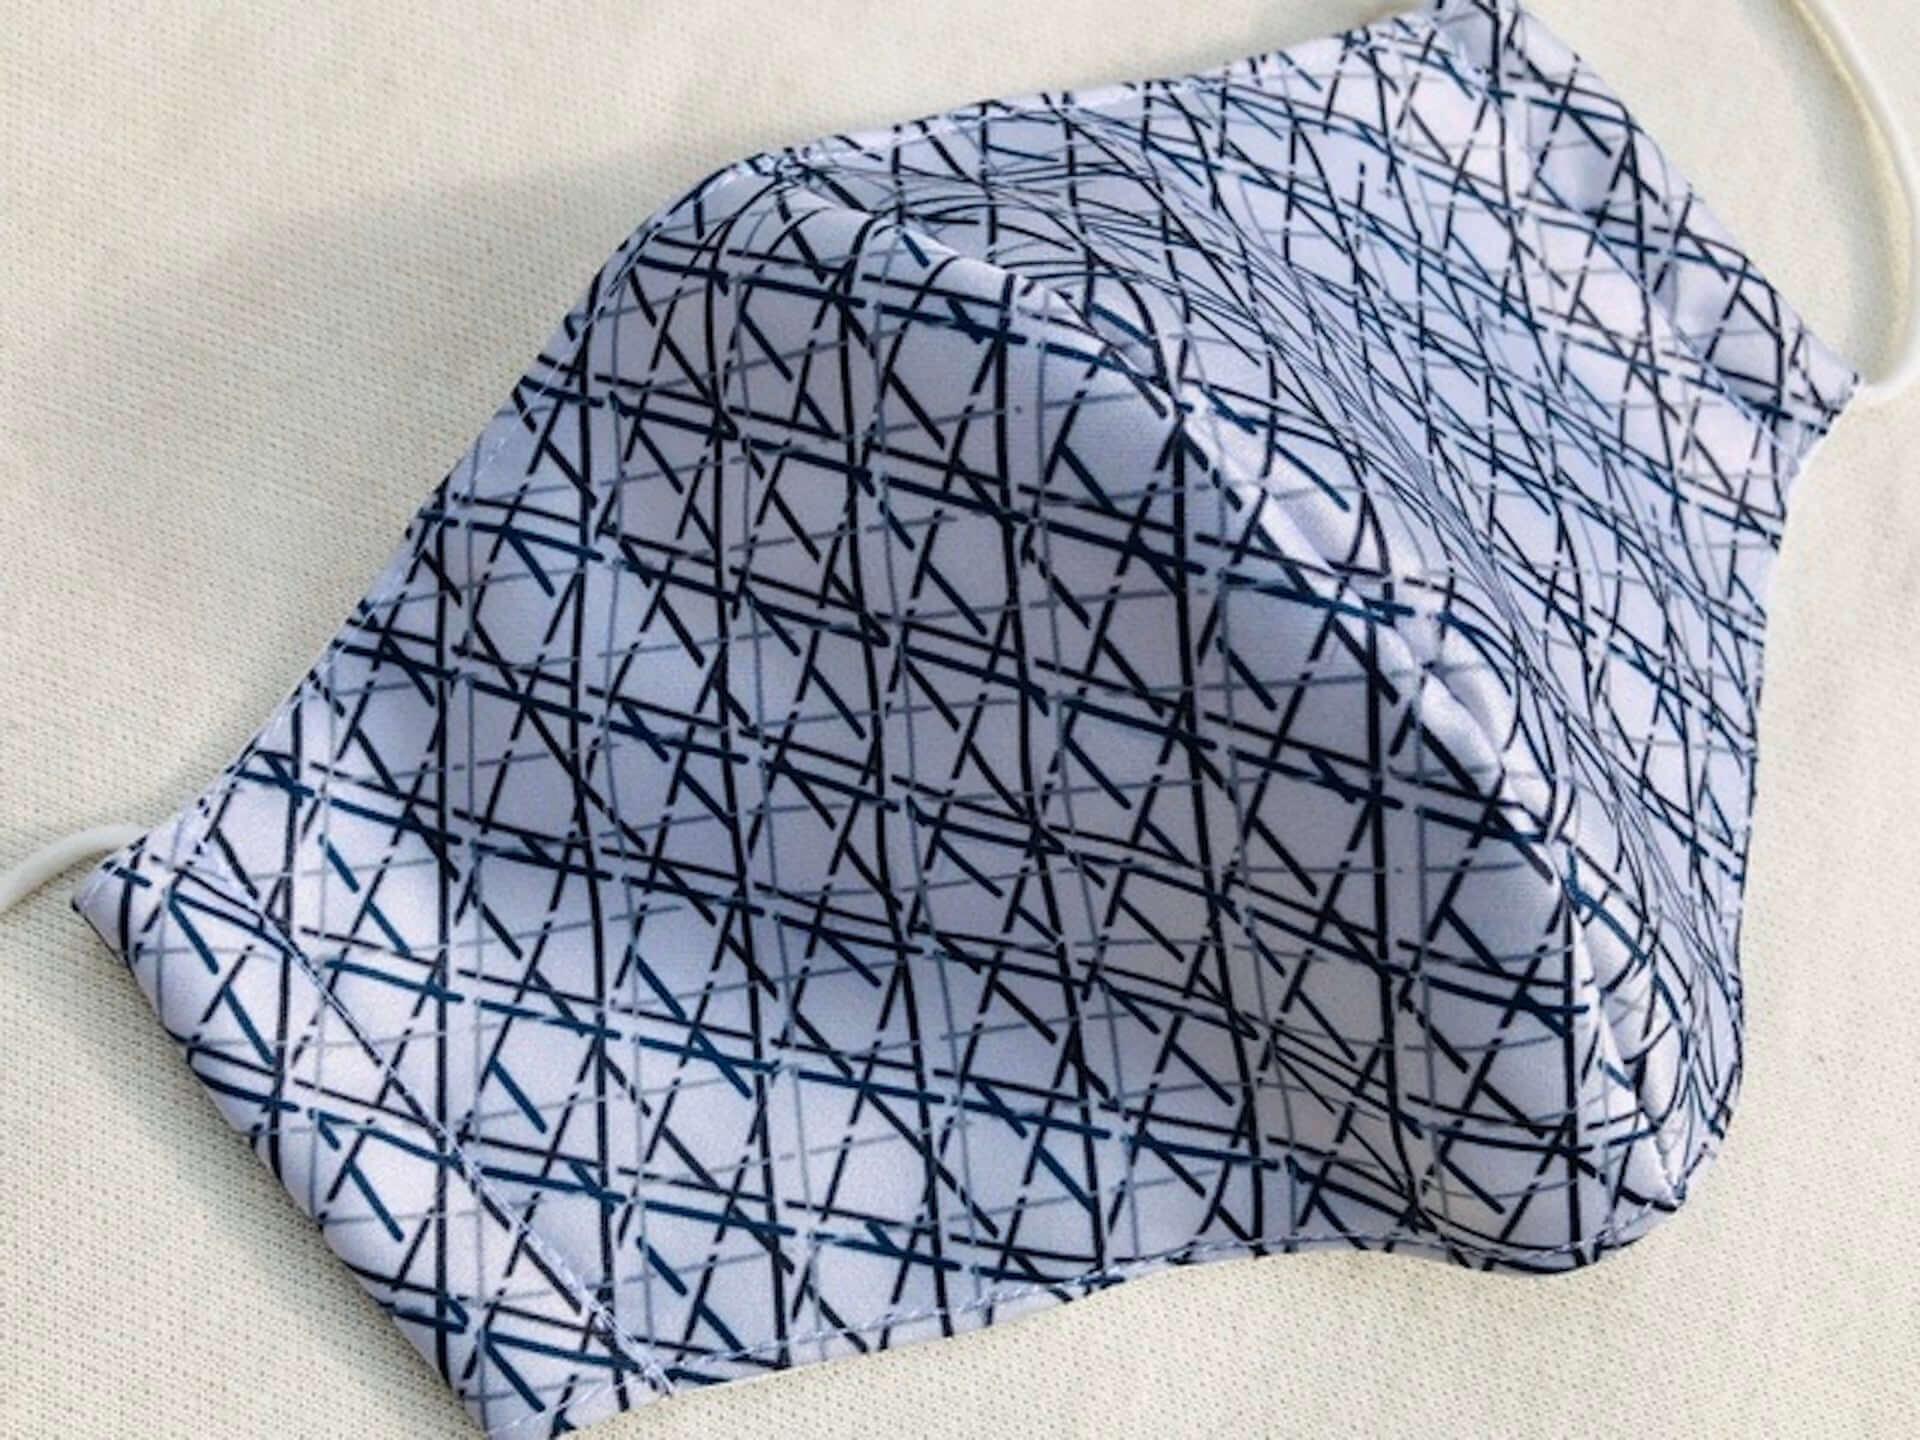 天然竹繊維糸を用いたサスティナブルな布マスク『COOL BAMBOO』がクラウドファンディング「Makuake」にて発売! lf200709_mask_coolbamboo_3-1920x1440